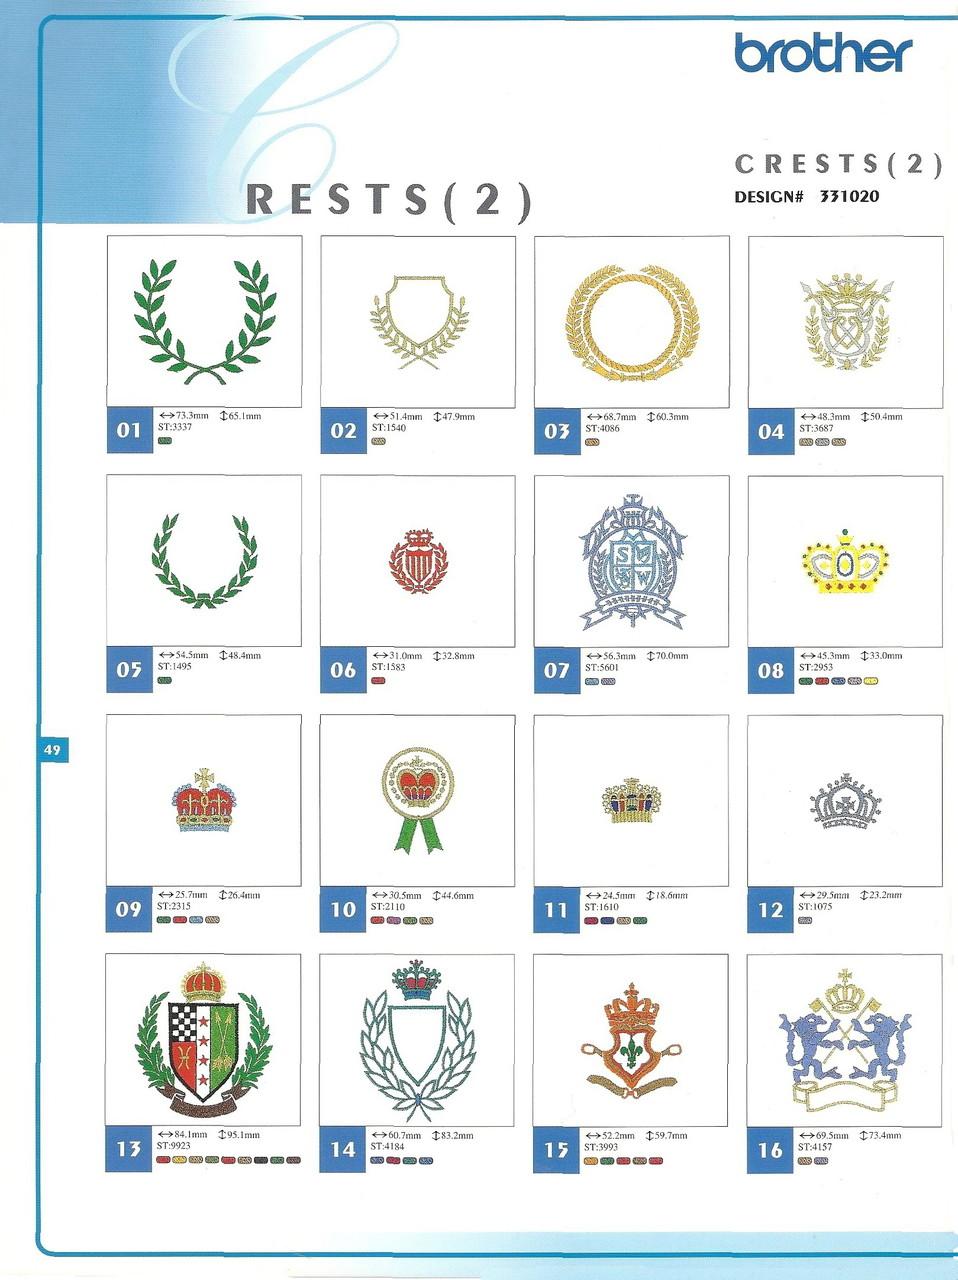 331020 Crests II-2